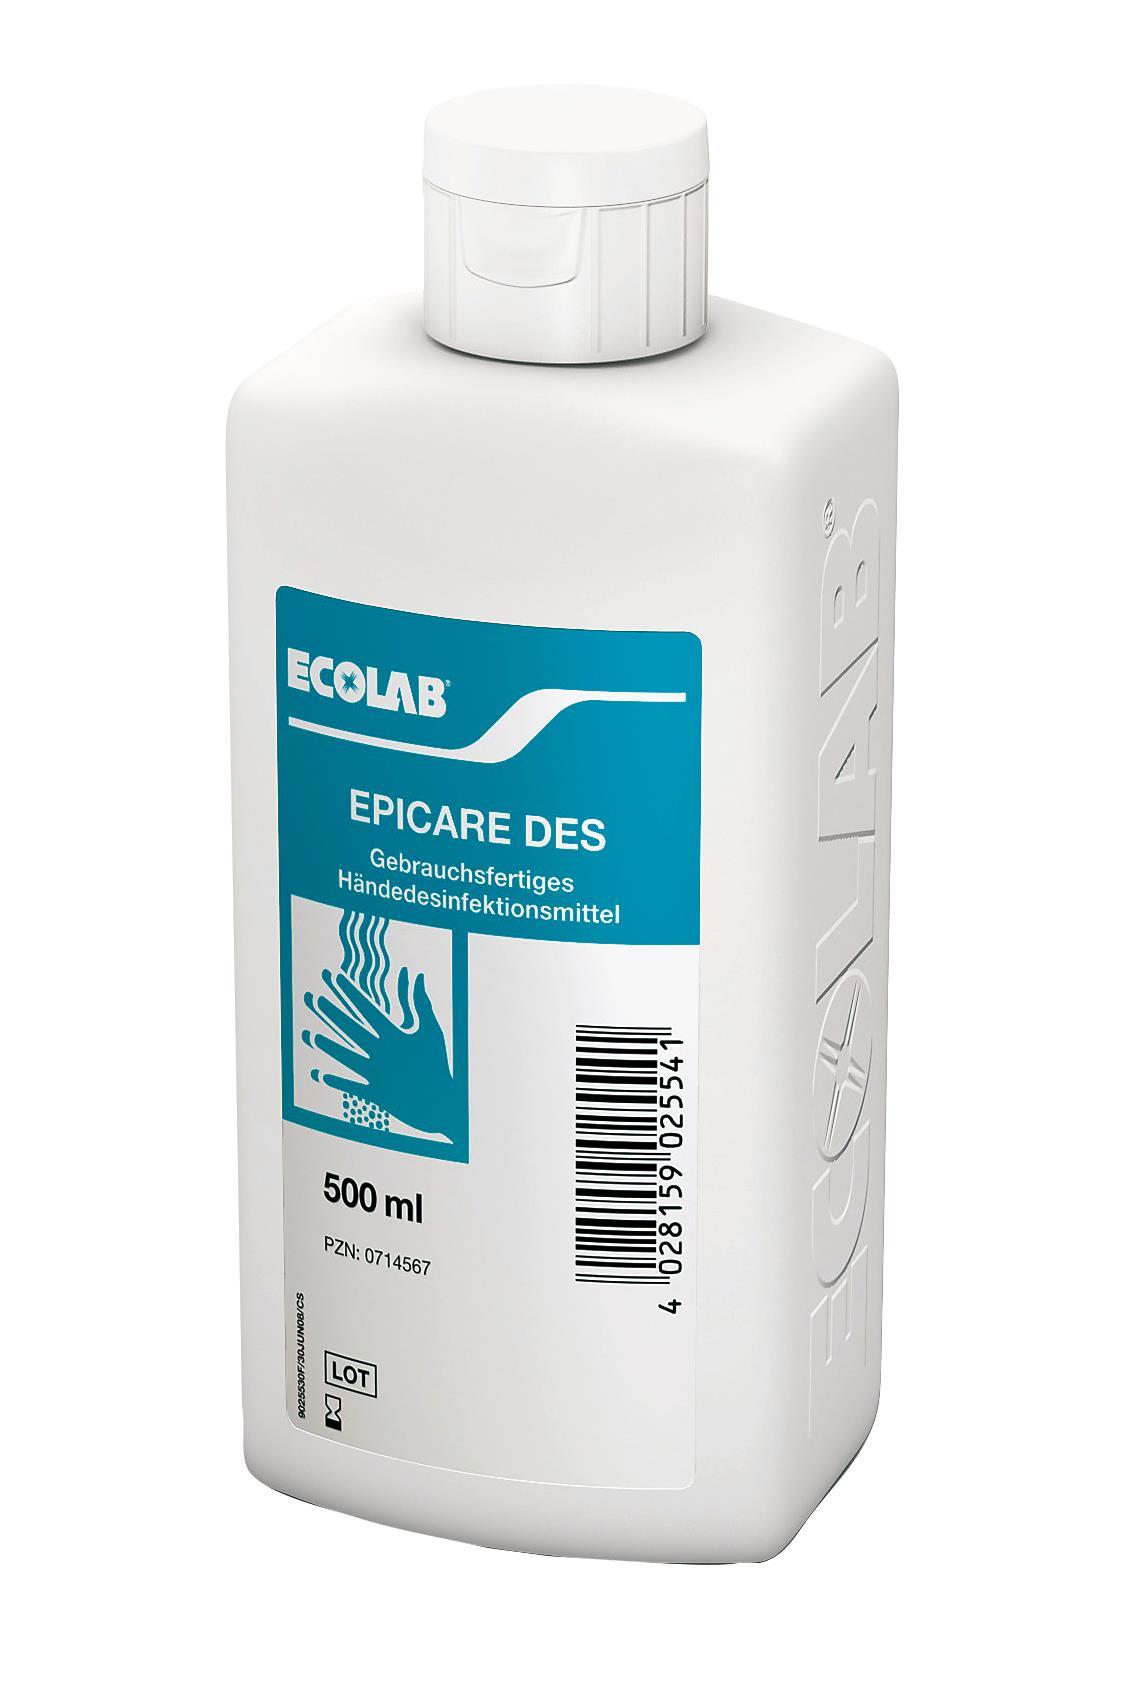 Aviz Biocid - Dezinfectant Pentru Maini Epicare Des 500ml Ecolab sanito.ro